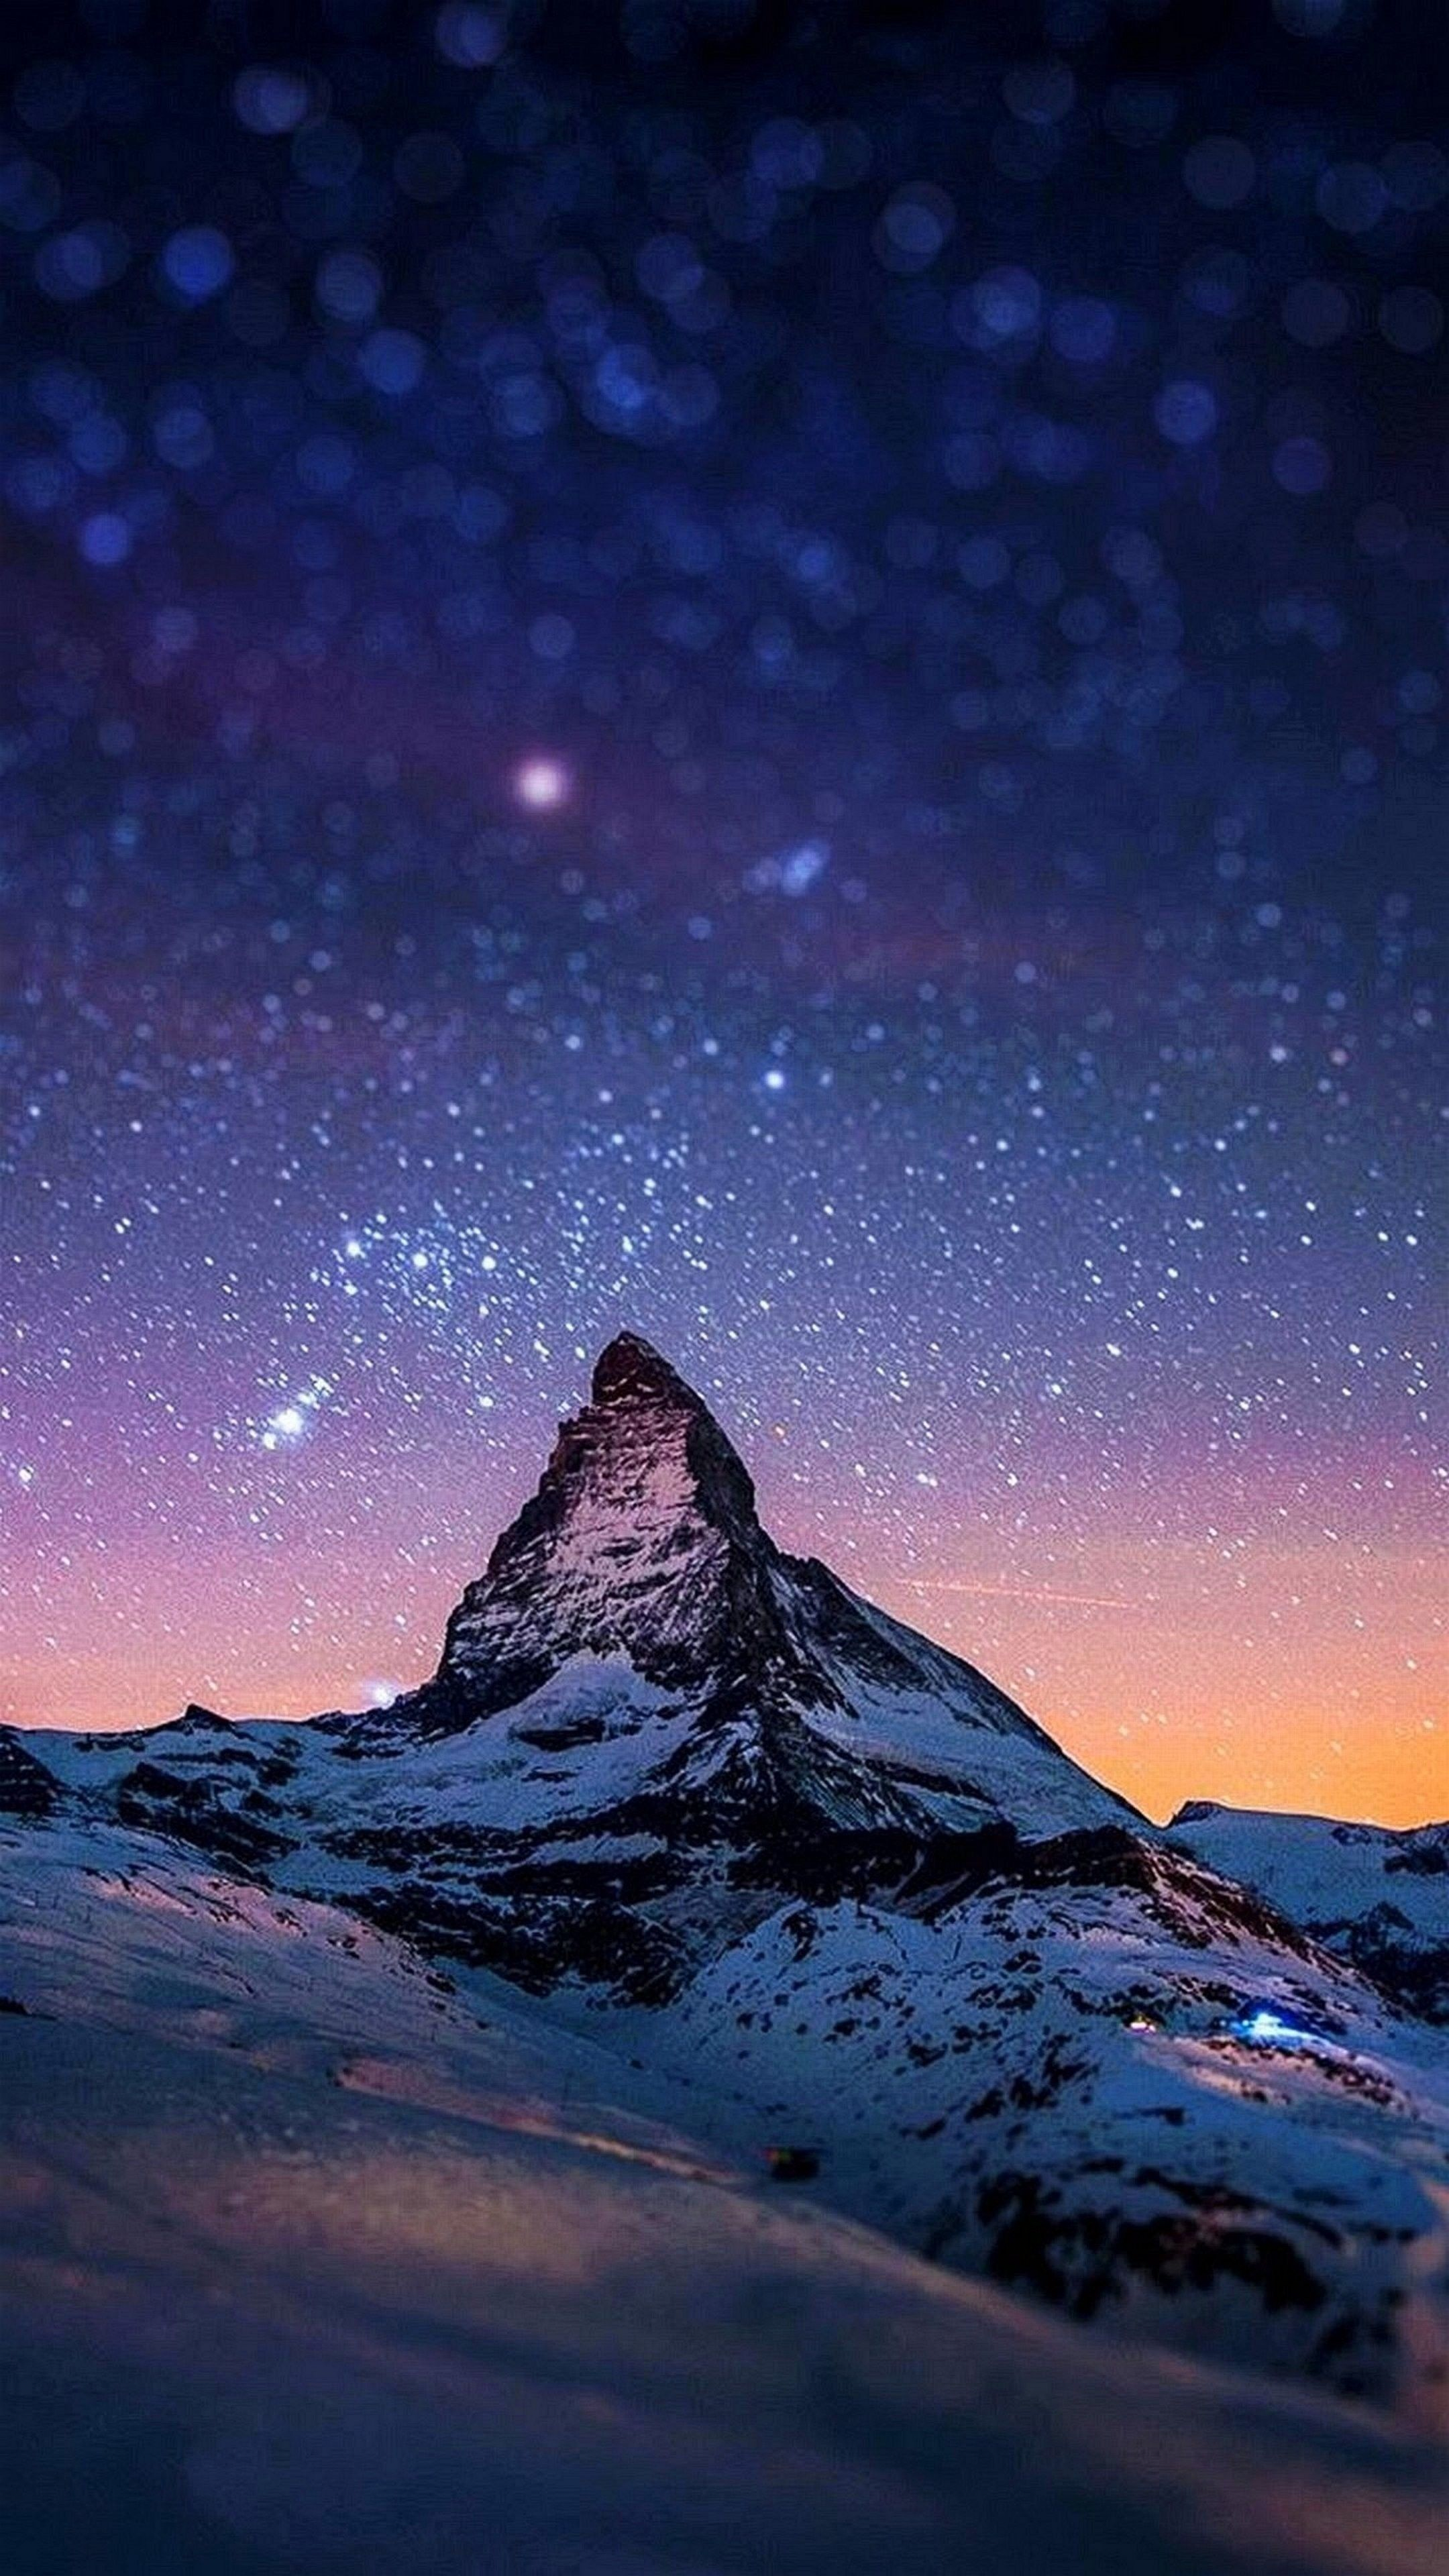 Ảnh 4k làm nền điện thoại rất đẹp - đỉnh núi tuyết dưới trời sao